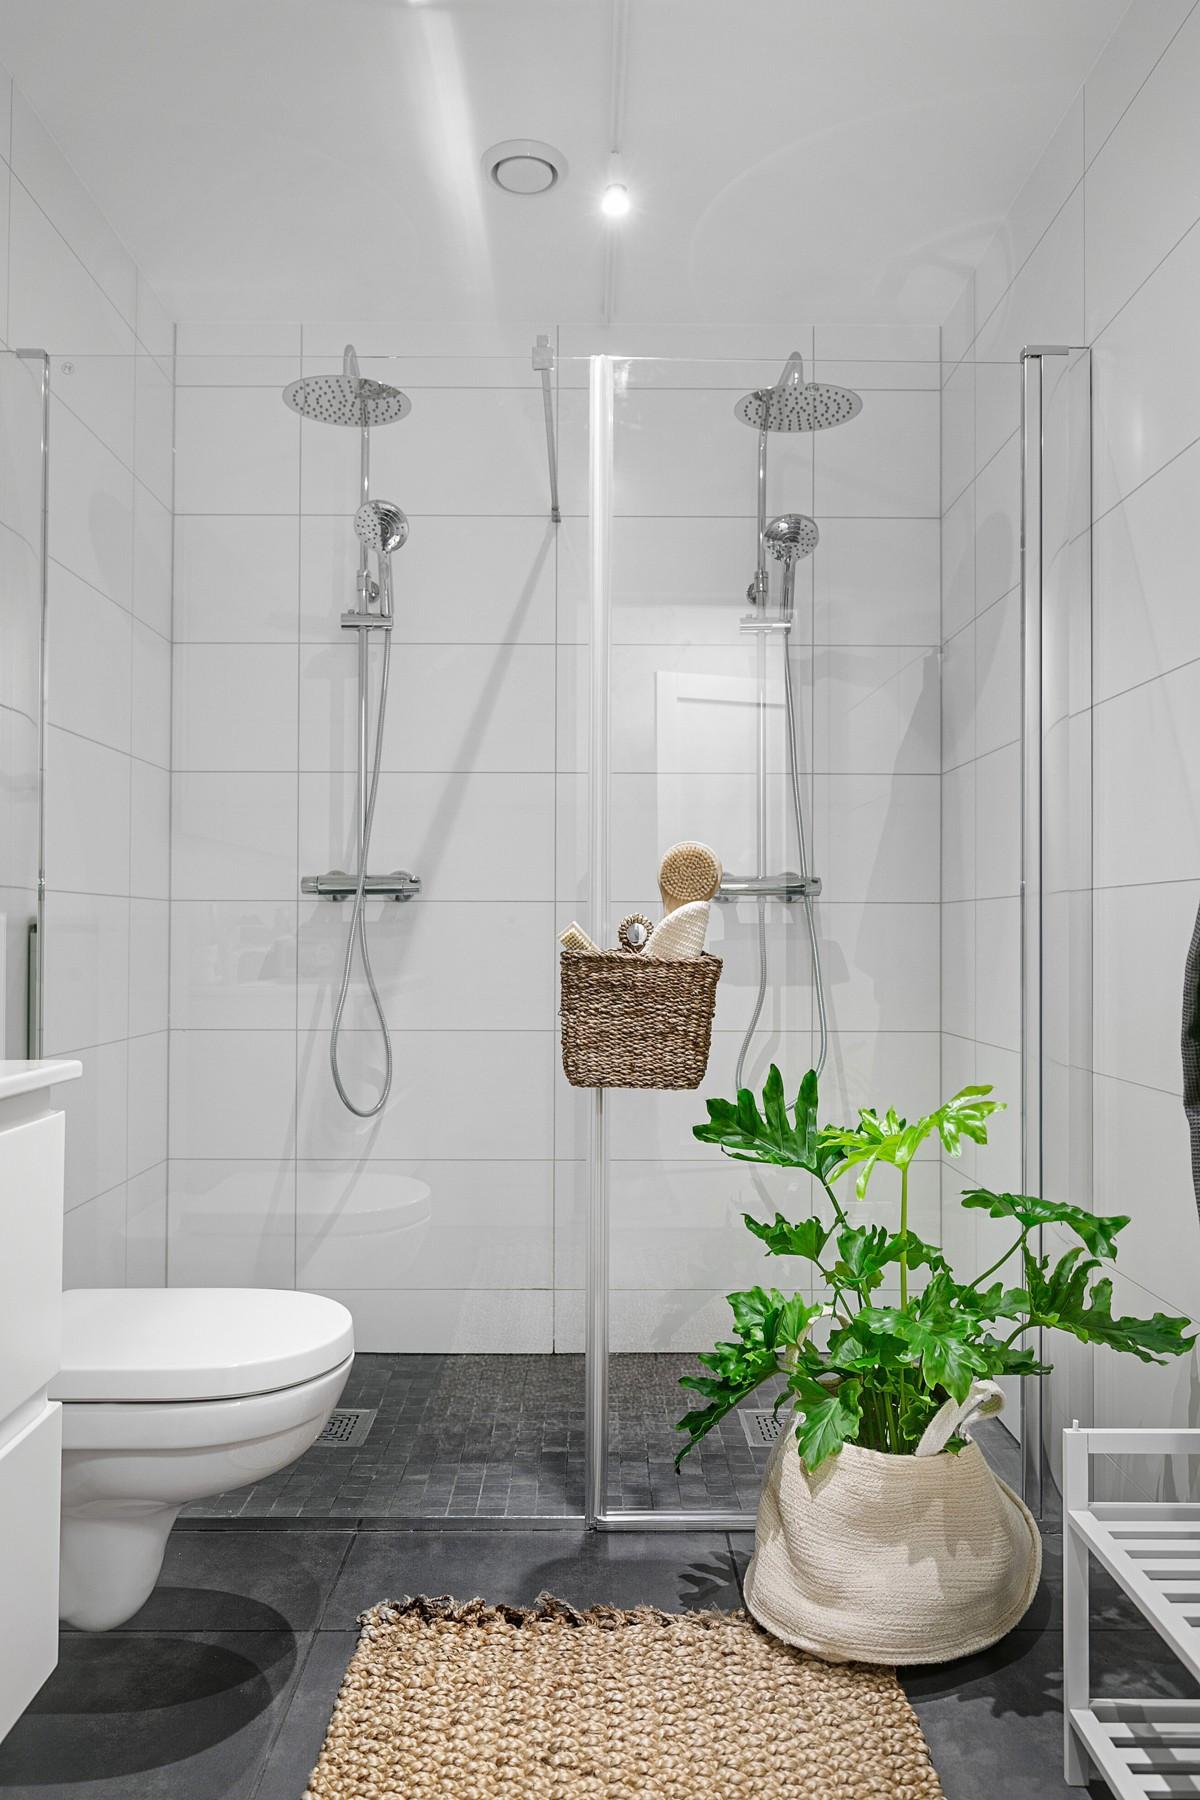 Lekker og stilrent innredet med dobbel dusj, vegghengt servant og gulvvarme